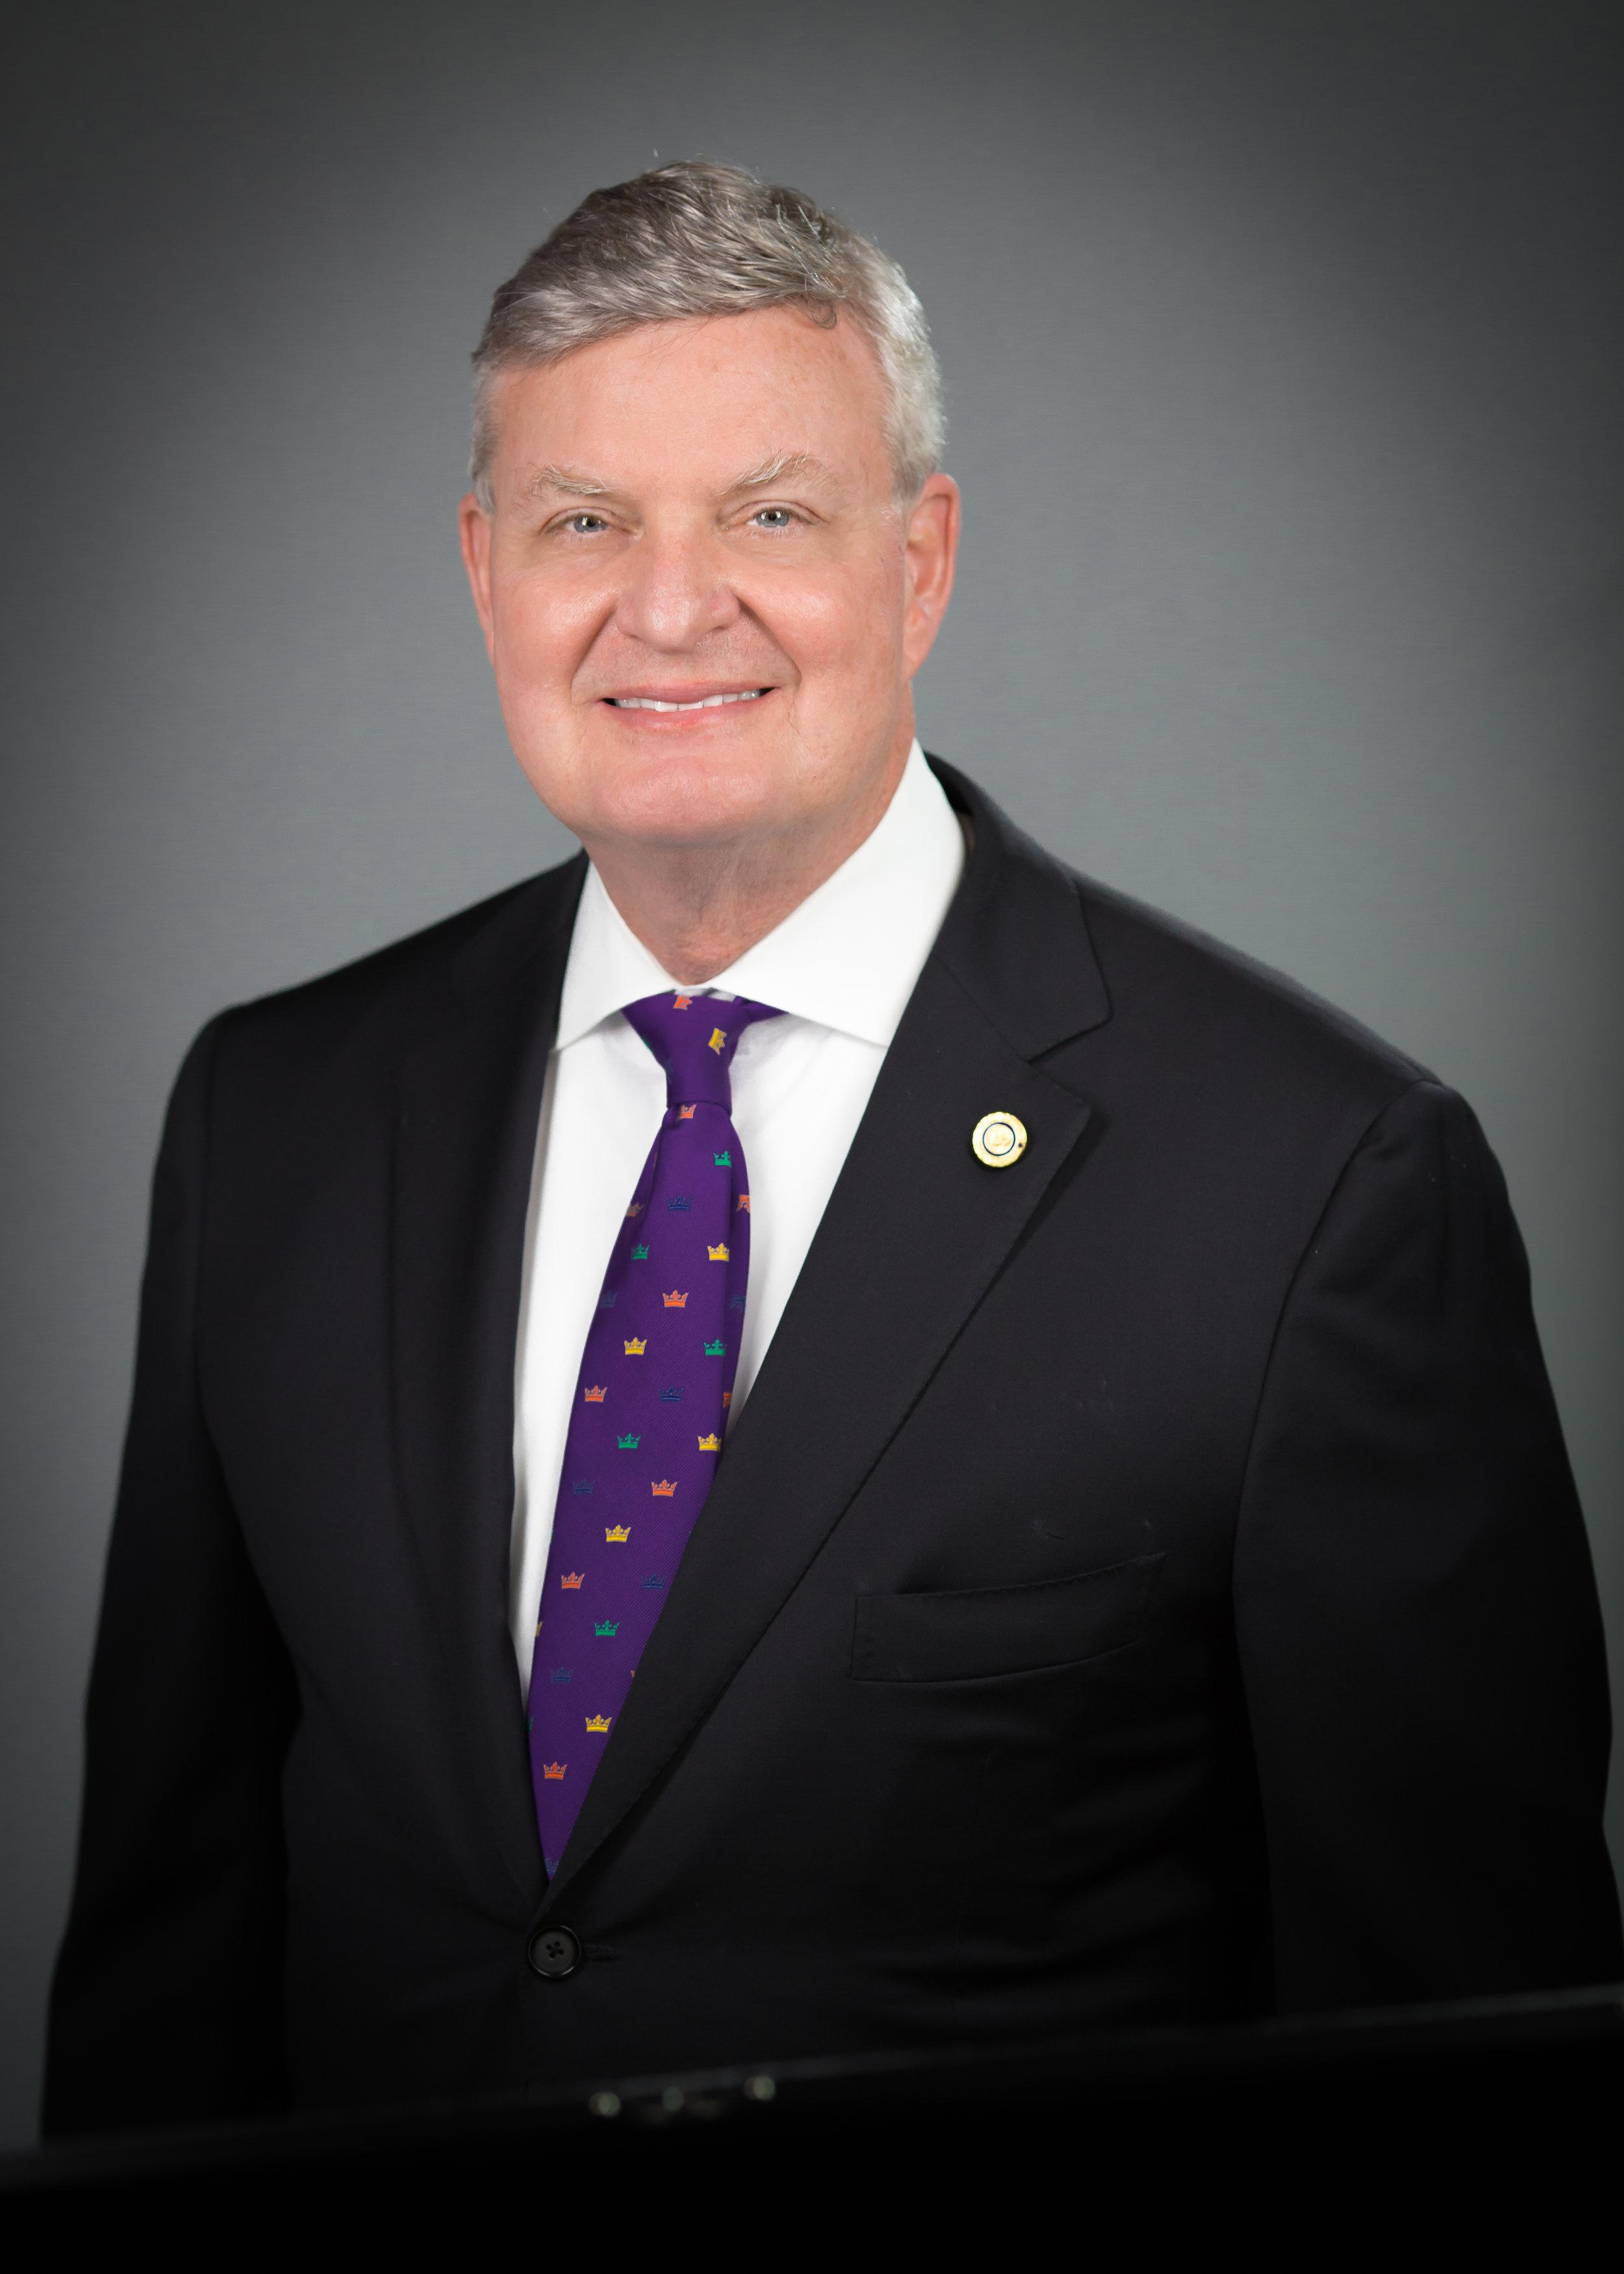 Dr. David A. Van, M.D., F.A.A.F.P.